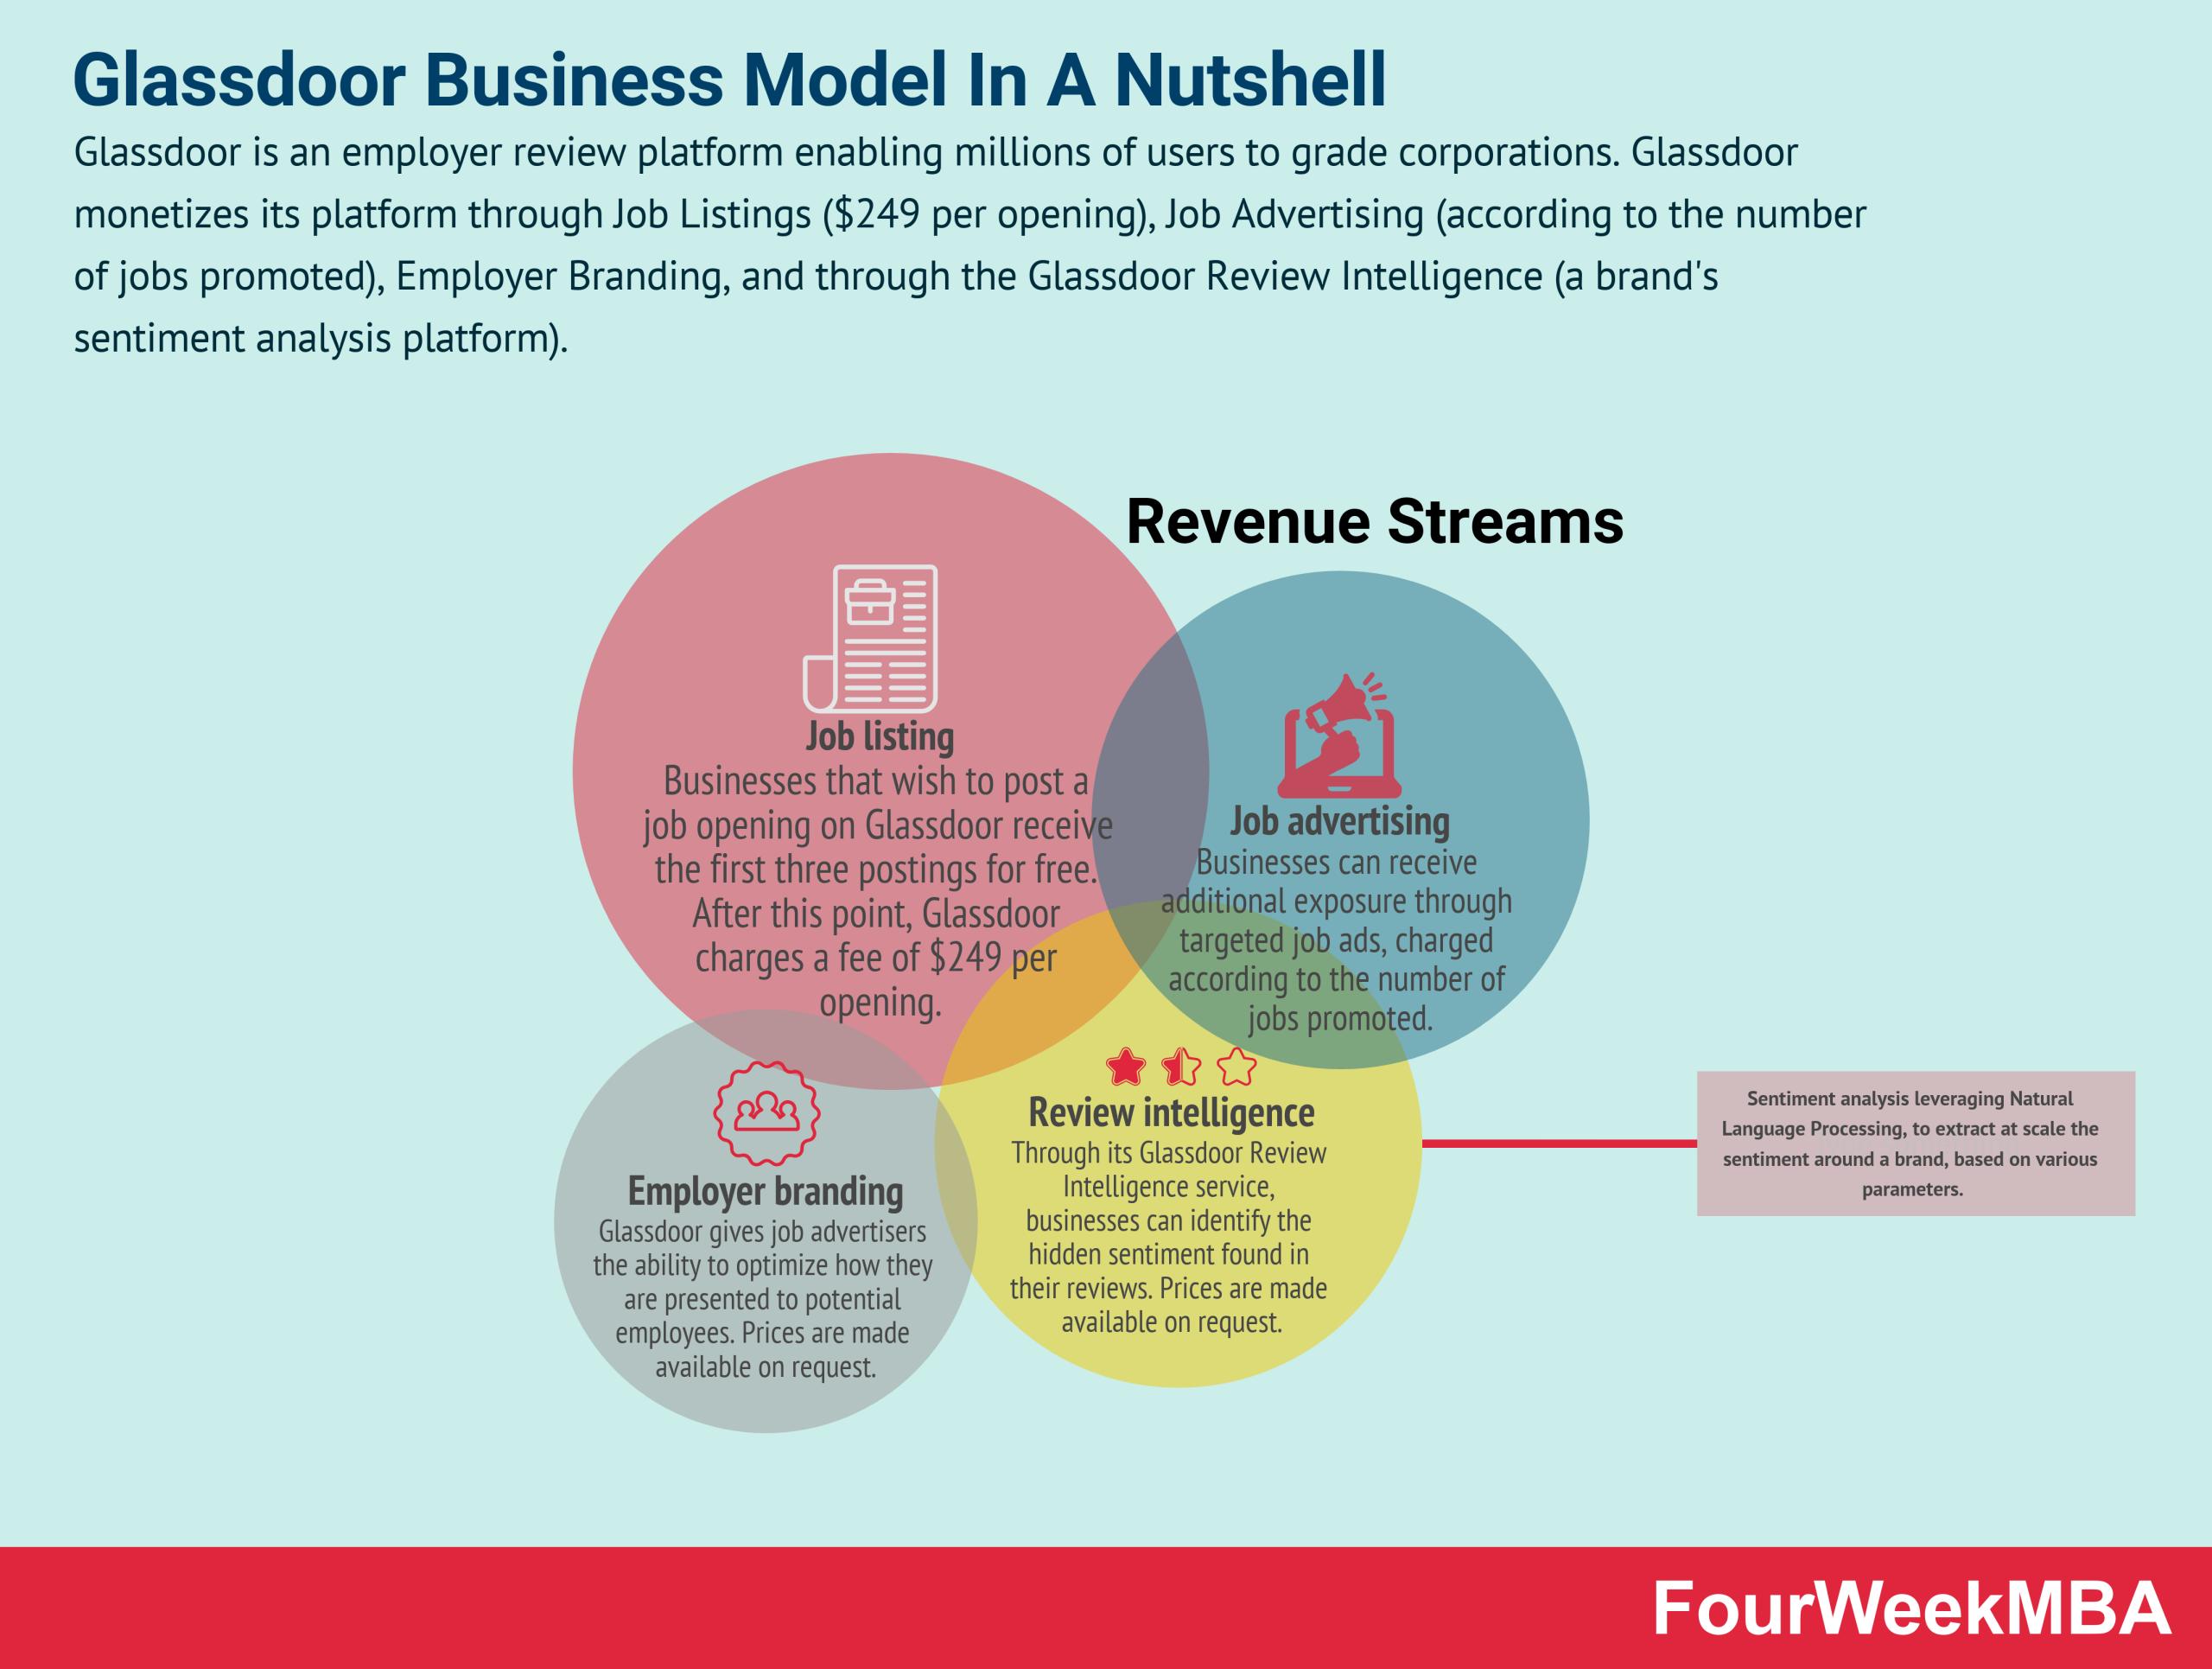 glassdoor-business-model